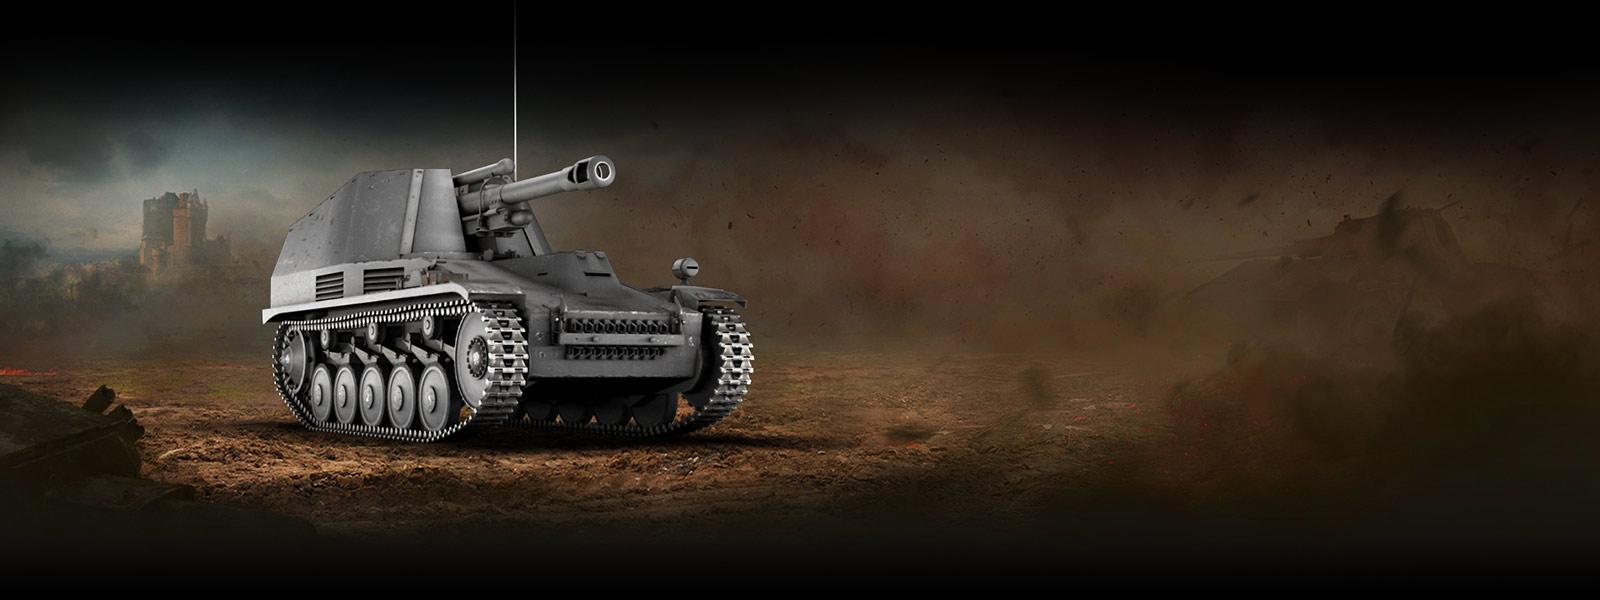 Artillery class tank